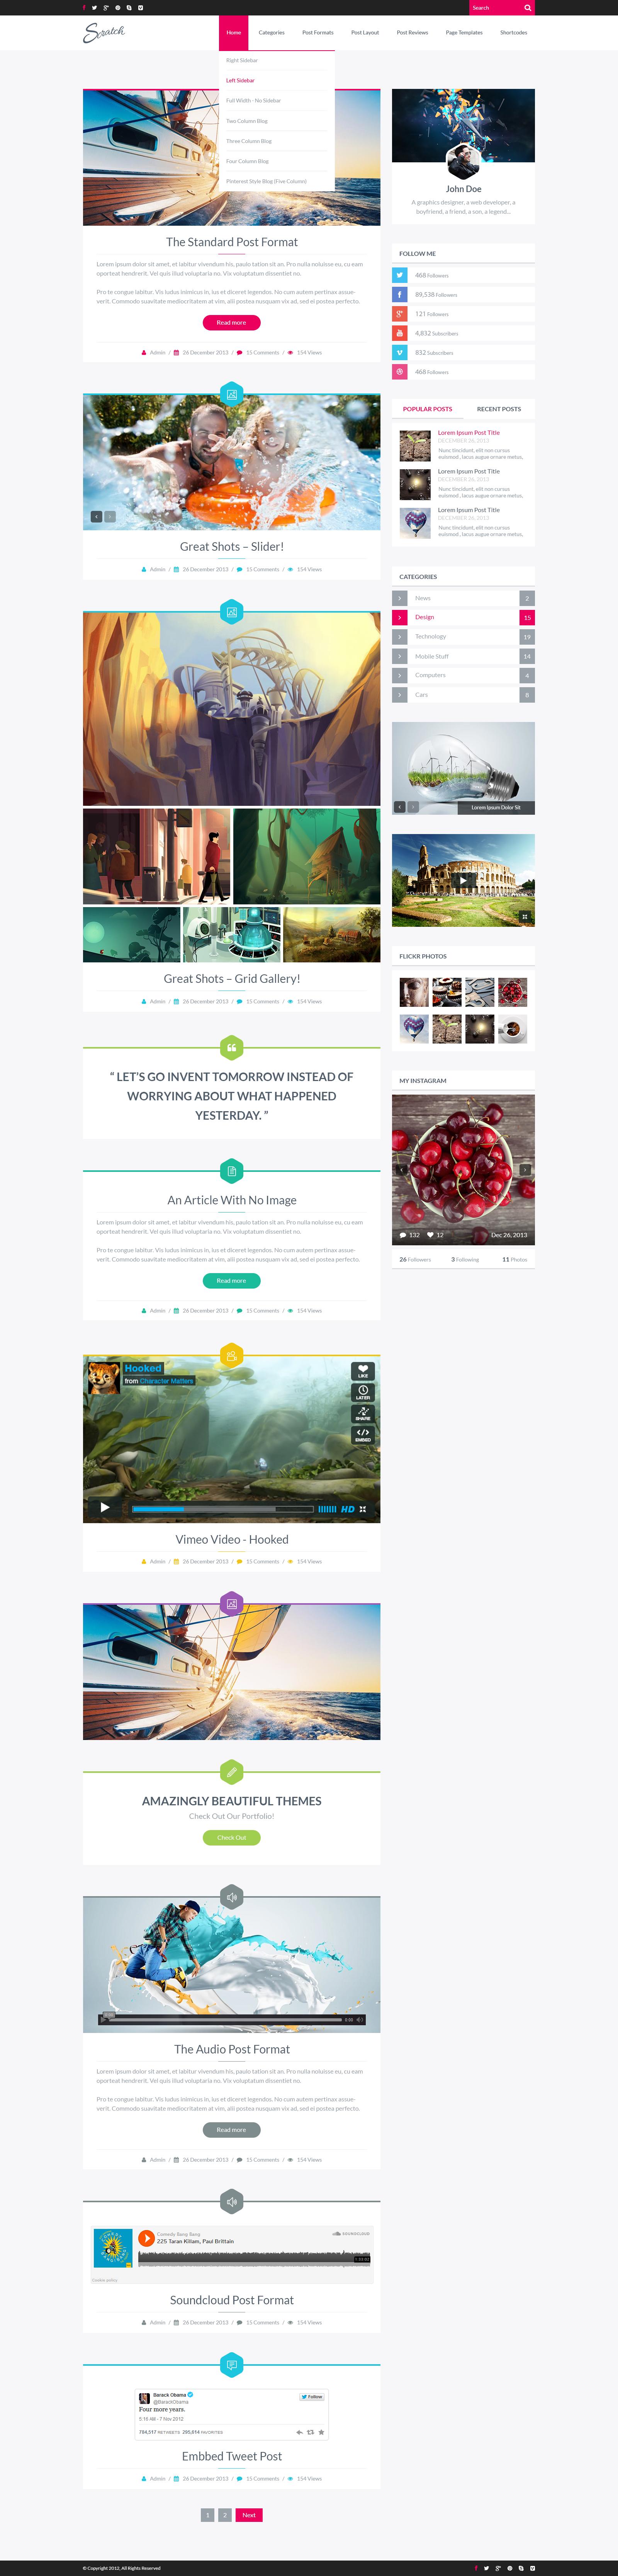 Scratch - PSD Blog Template